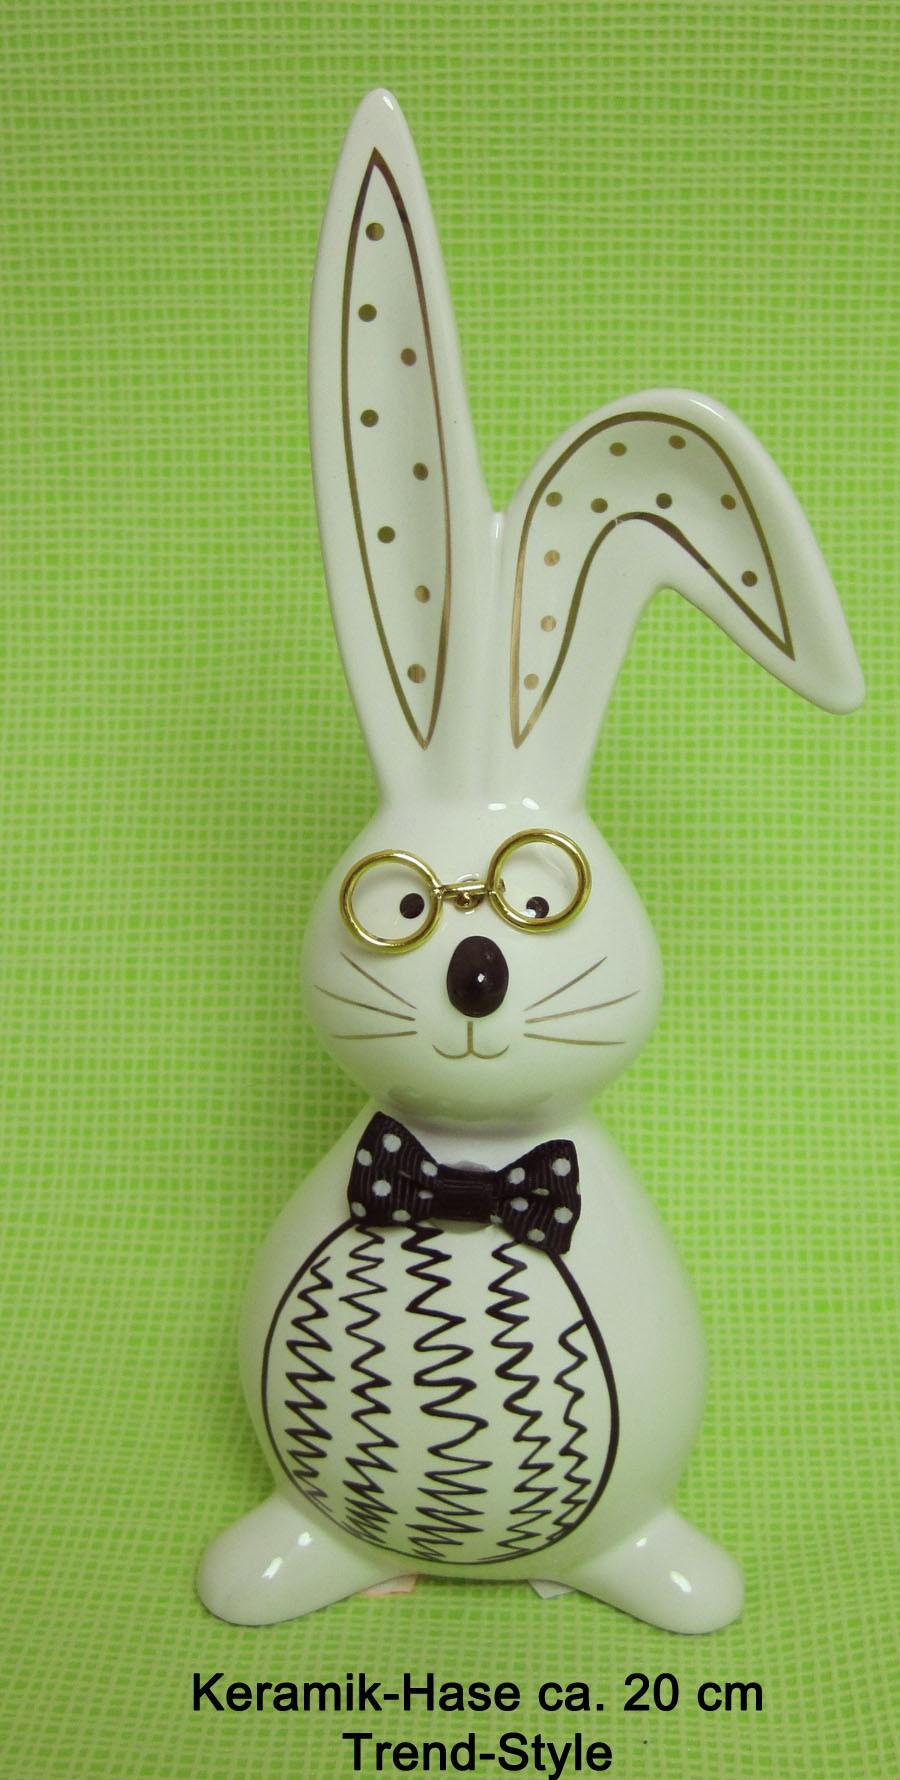 Keramik-Hase weiss-schwarz mit Brille ca. 20 cm